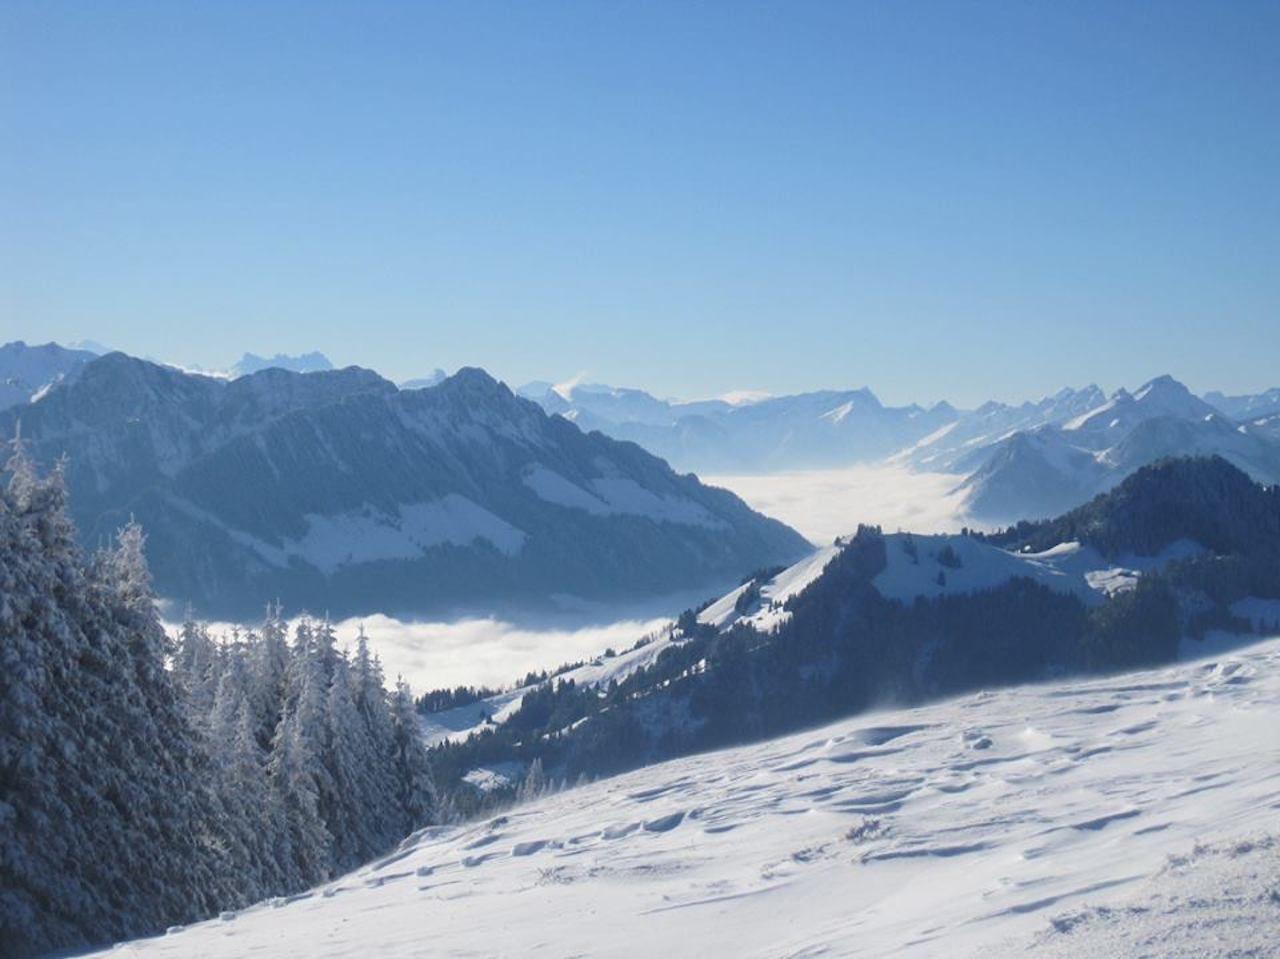 La Berra snowy ski mountains